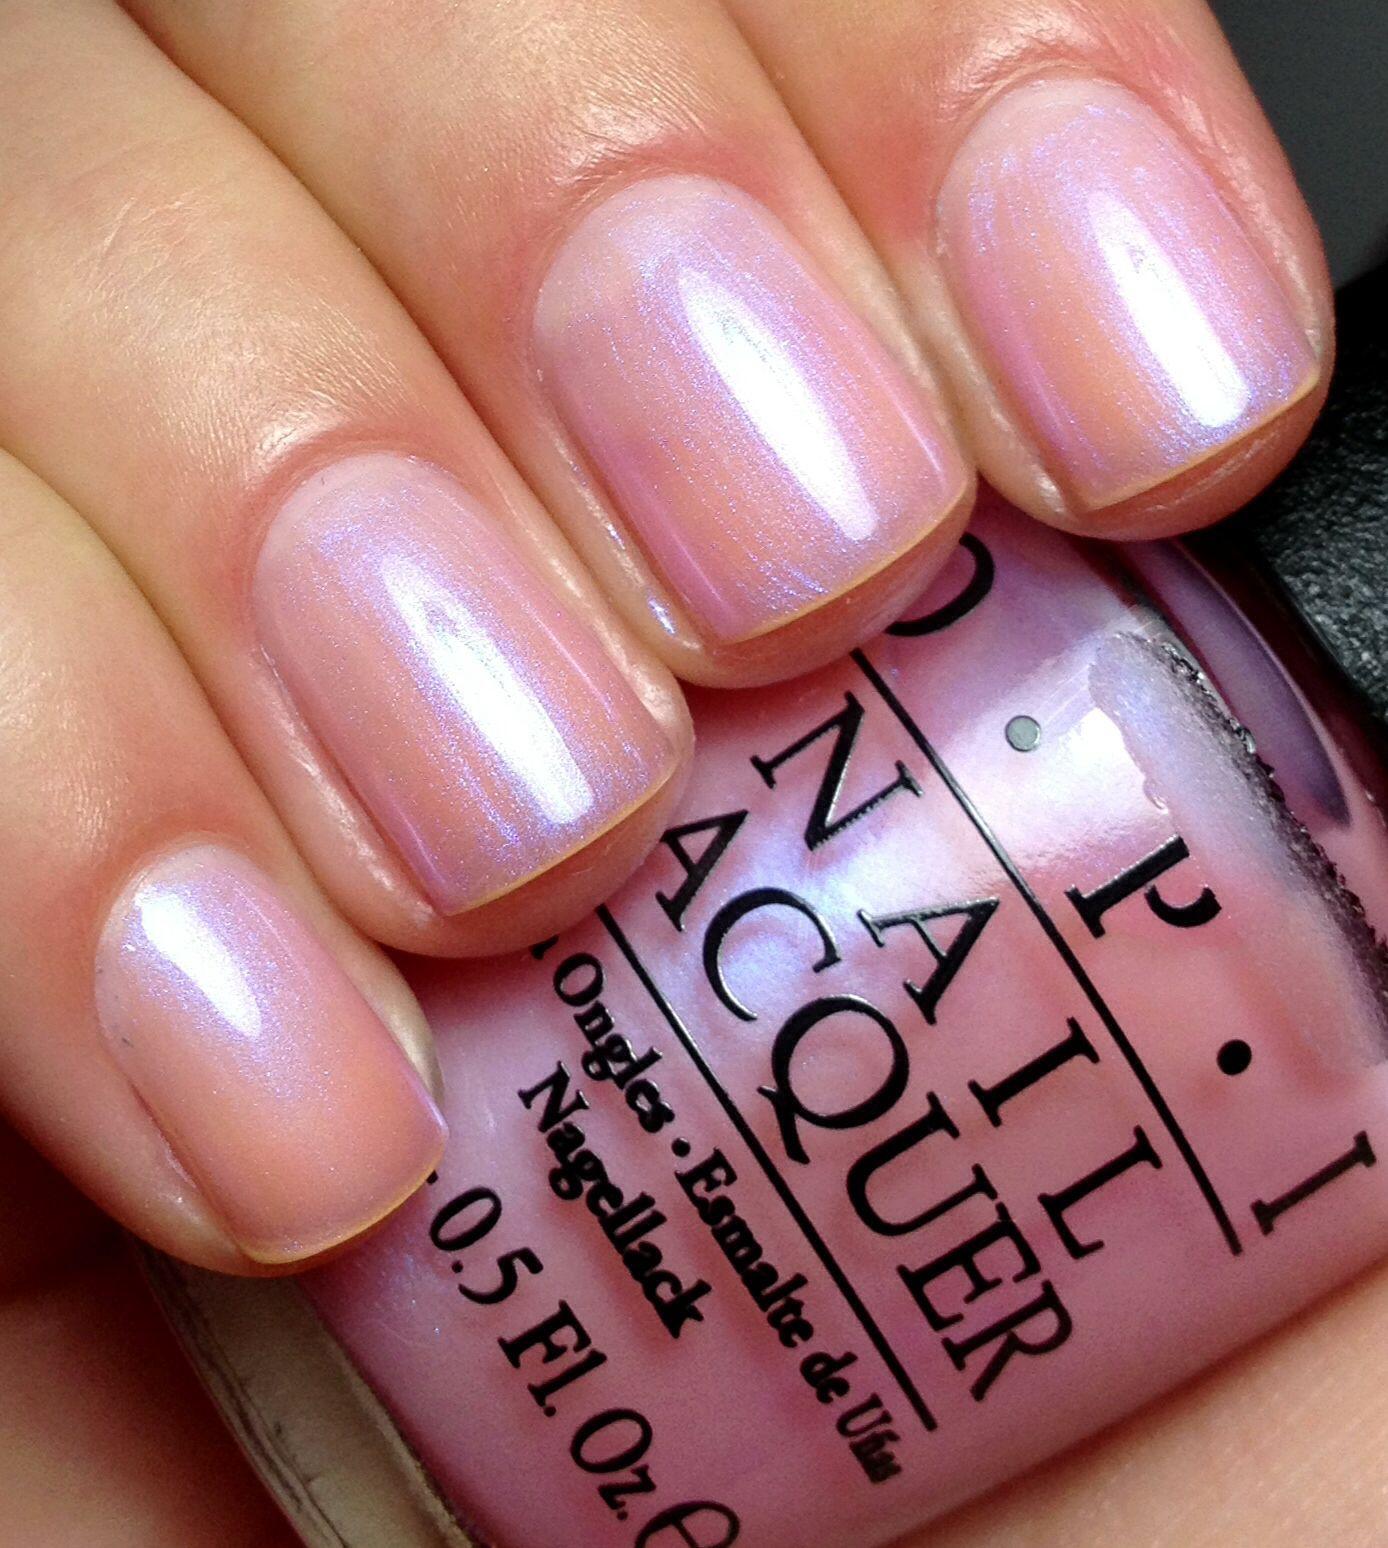 Sheer Pink Opi Nail Polish: Future, OPI And Makeup